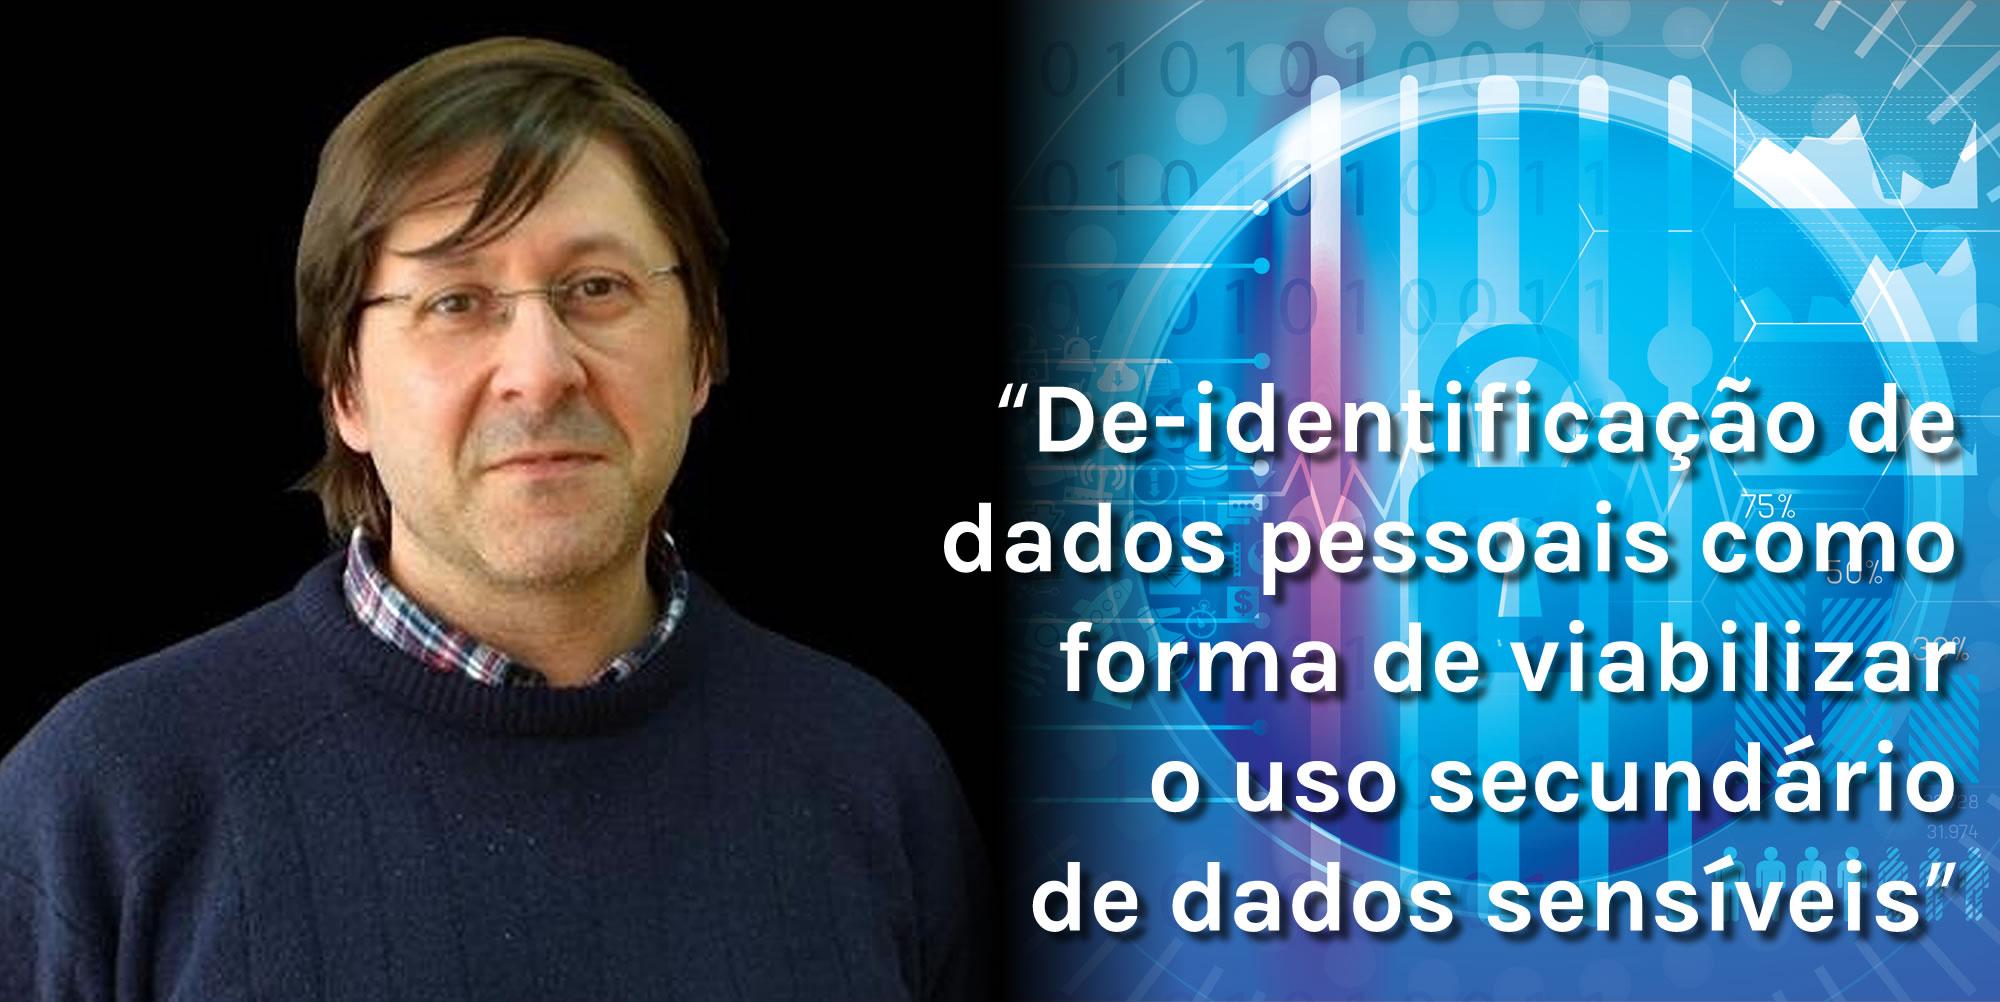 De-identificação de dados pessoais como forma de viabilizar o uso secundários de dados sensíveis